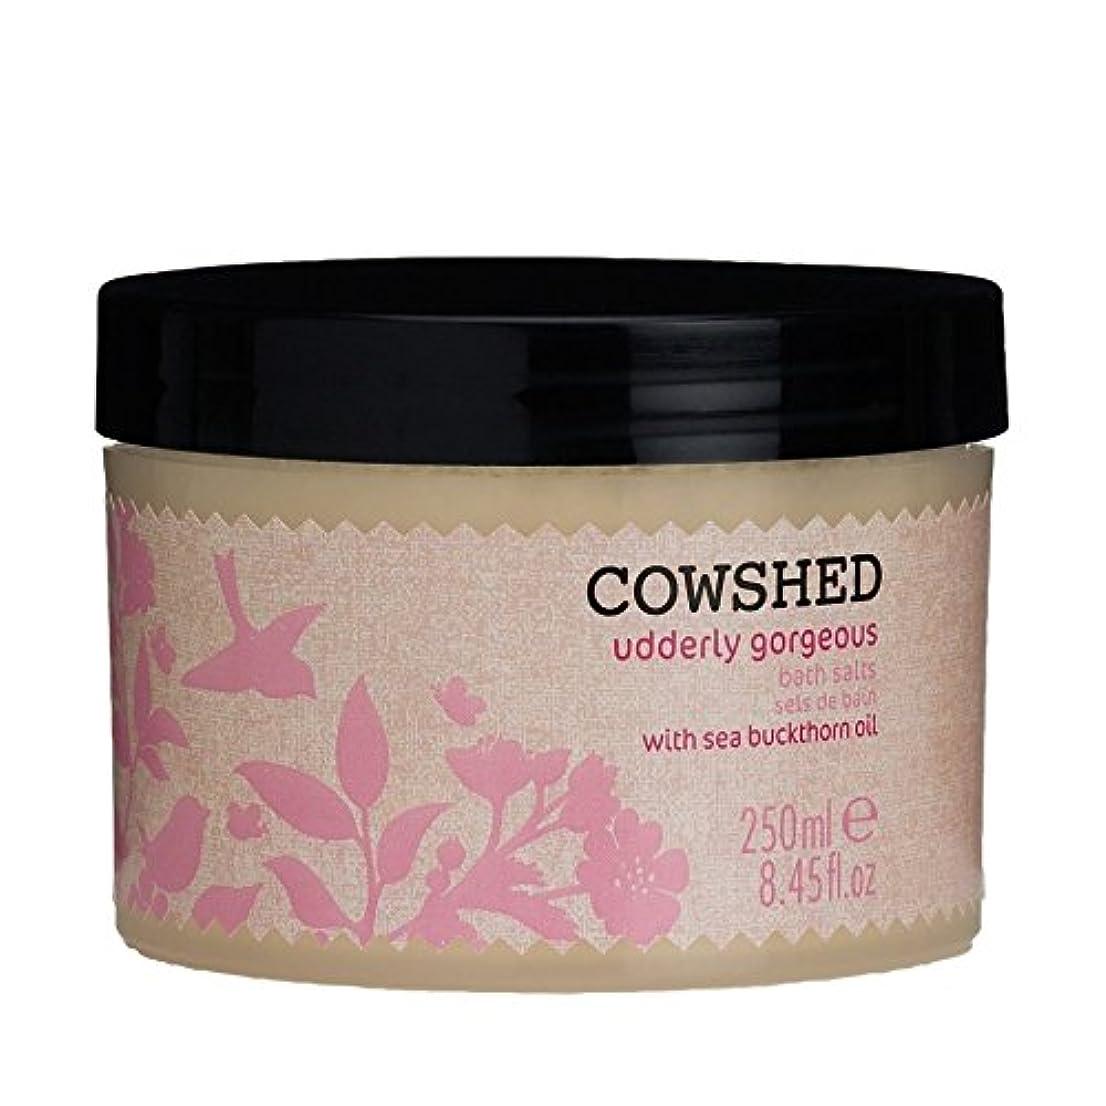 ガウン国内の回想Cowshed Udderly Gorgeous Bath Salts 250ml - 250ミリリットル牛舎ゴージャスな入浴剤 [並行輸入品]